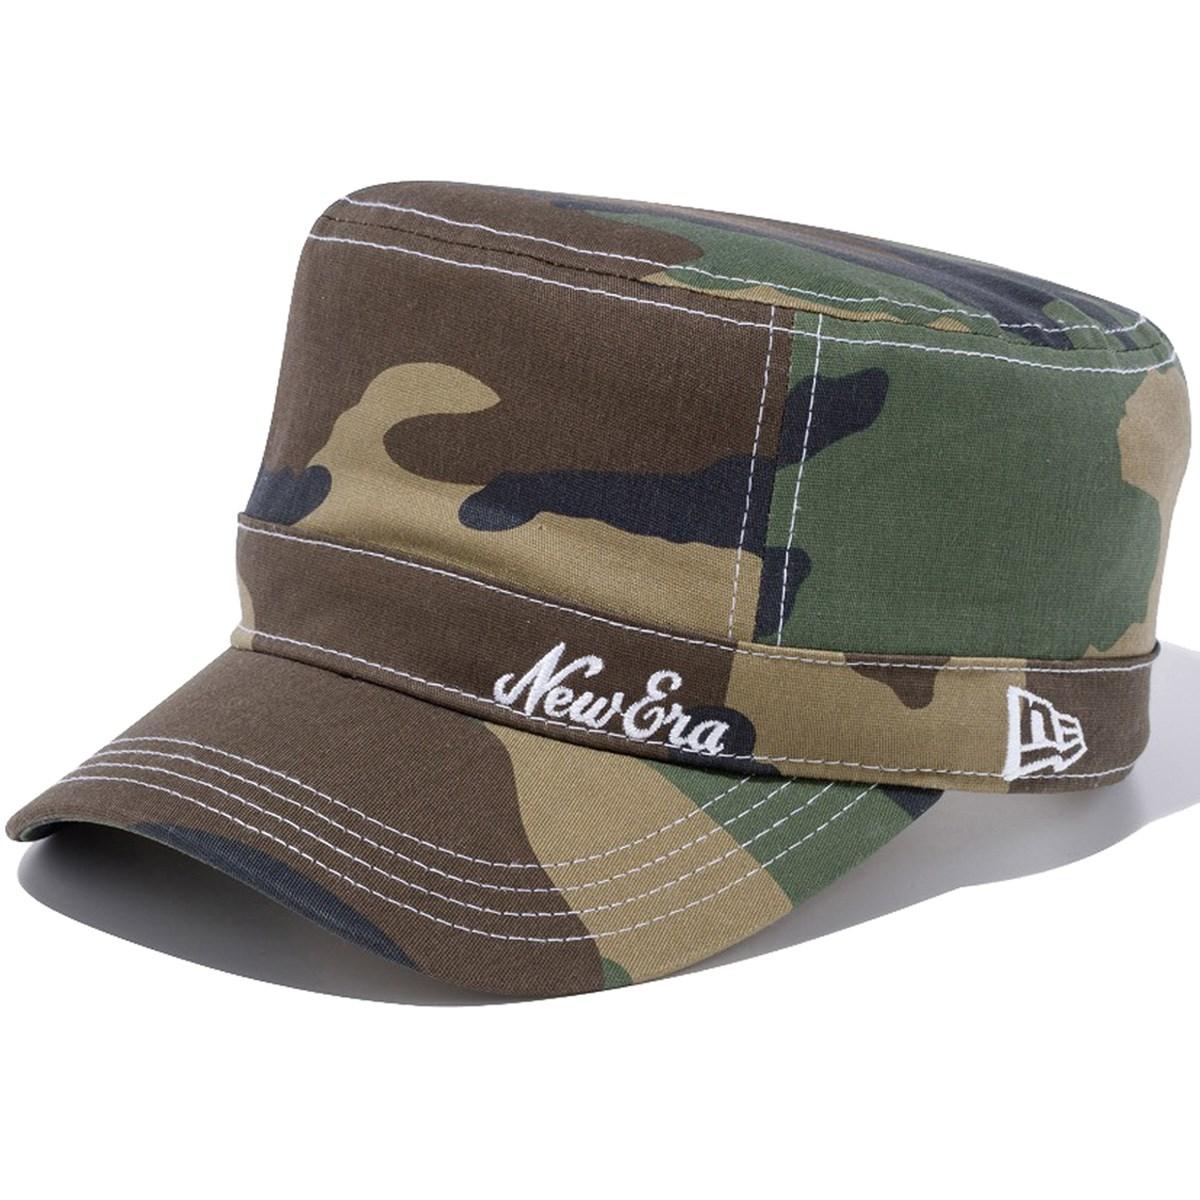 b8aa10d7286fe リー ワークキャップ メンズ帽子・キャップ - 価格.com